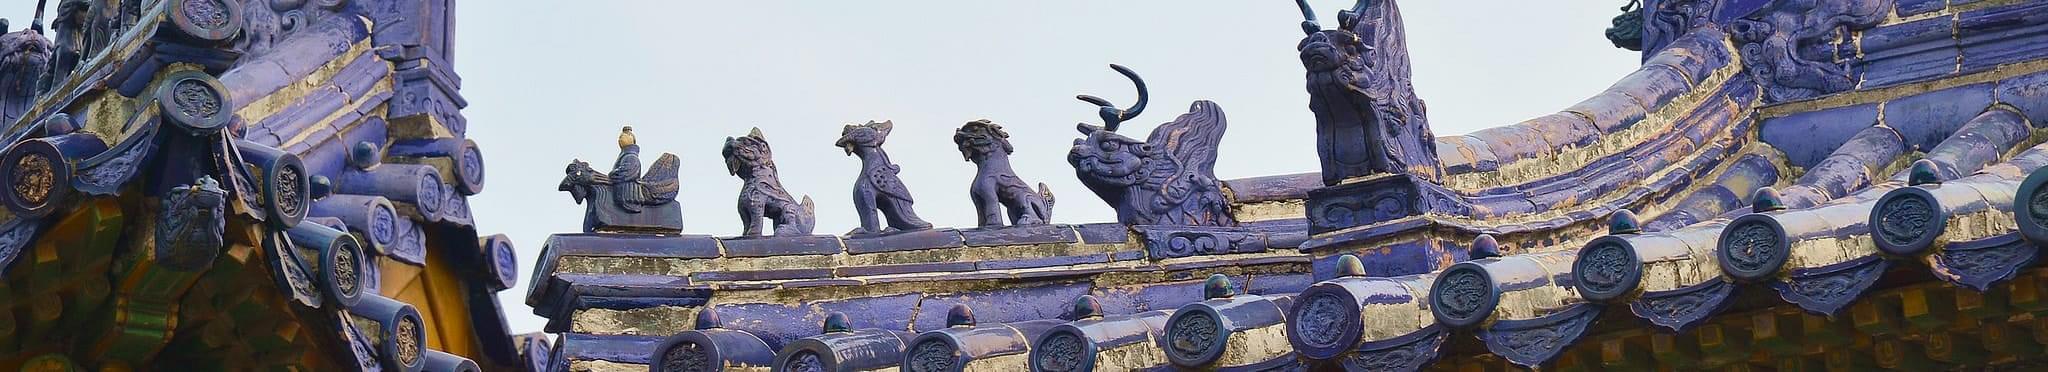 Восточный Париж (скоростной поезд)<br> Пекин — Шанхай